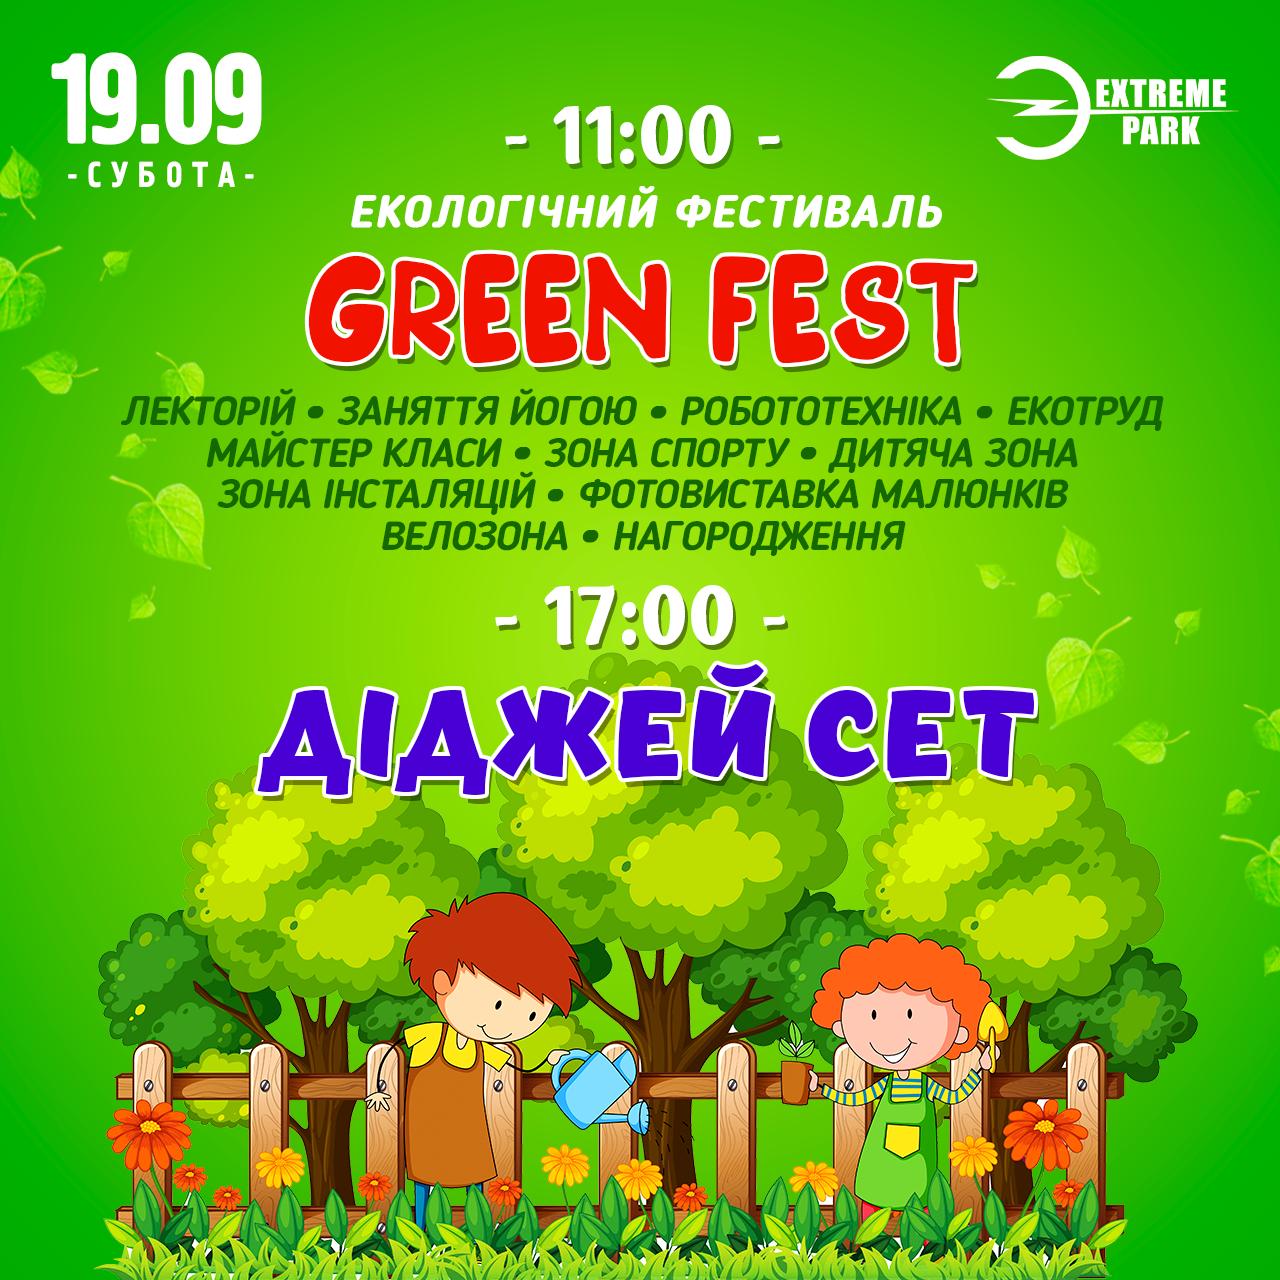 Экологический Фестиваль в Экстрим-Парке, фото-1